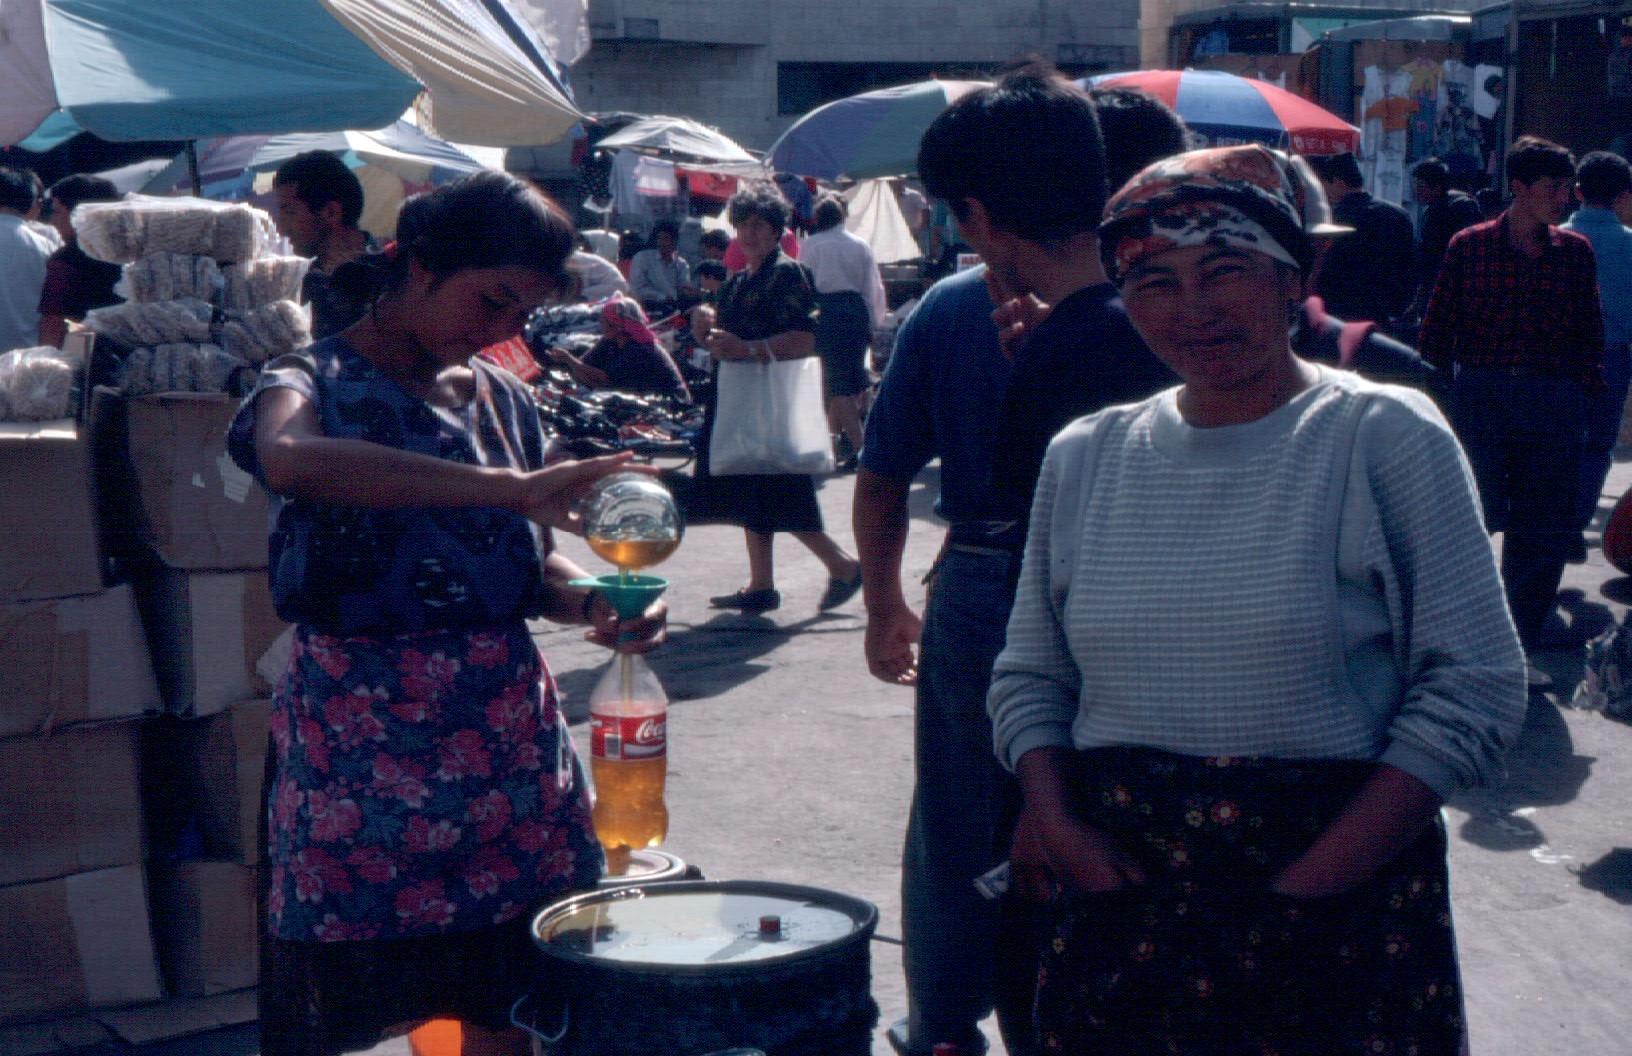 Decanting cooking oil into soda bottles, Osh Bazaar, Bishkek, 1997